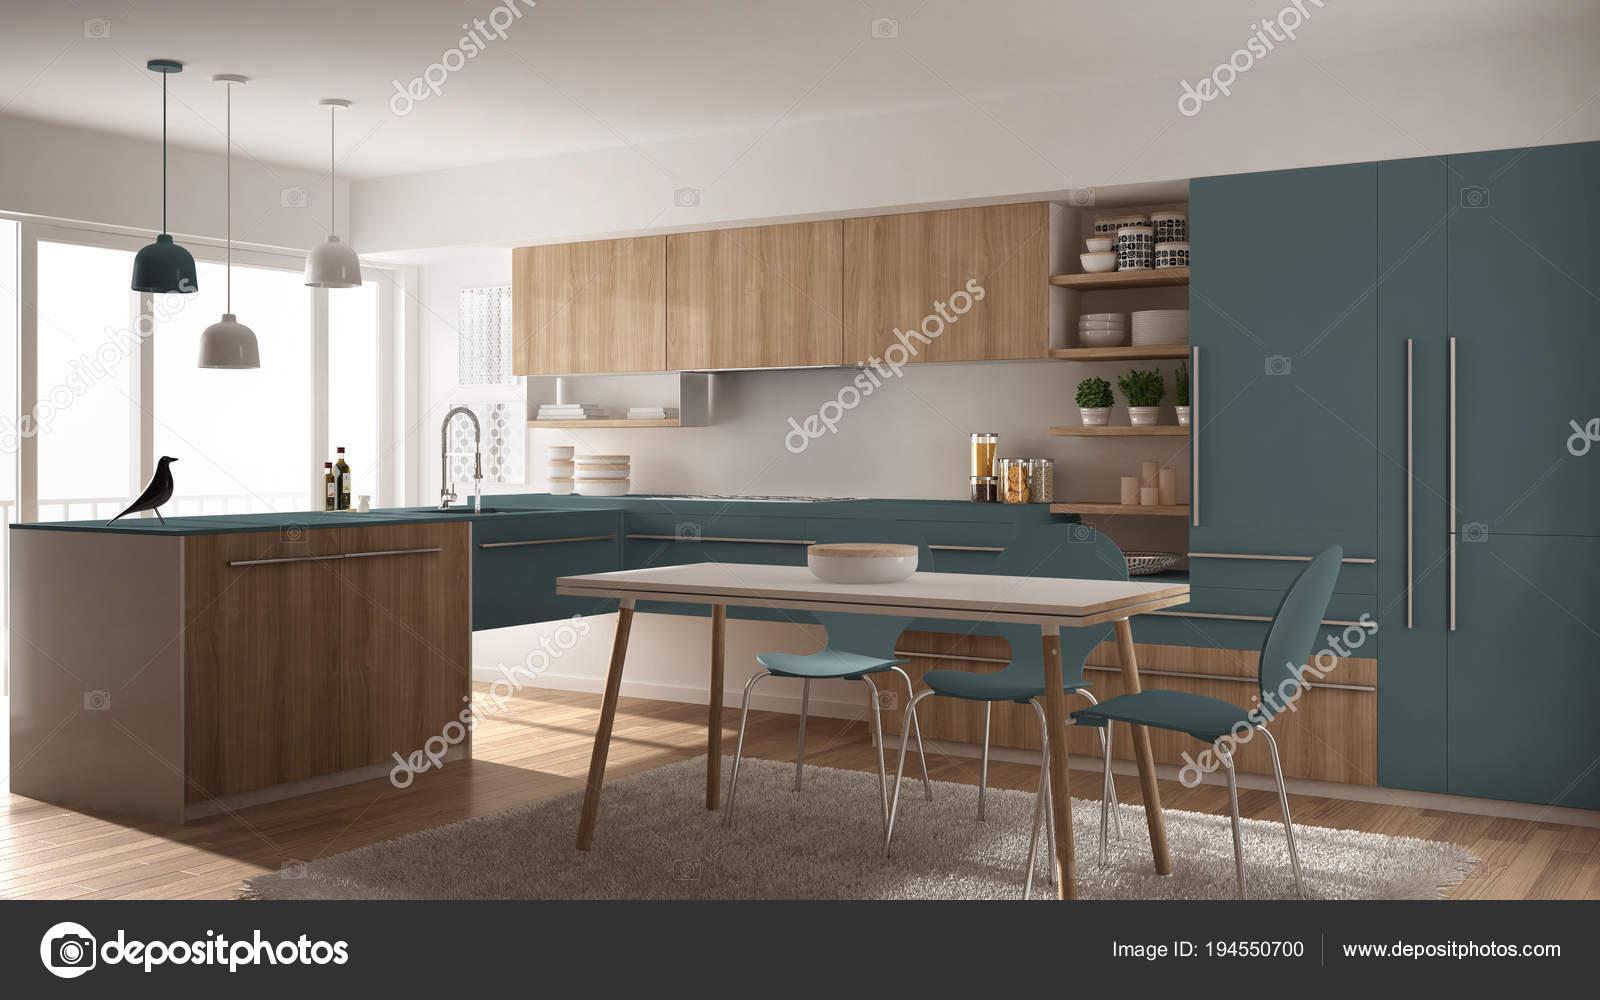 Moderne minimalistische houten keuken met eettafel tapijt en